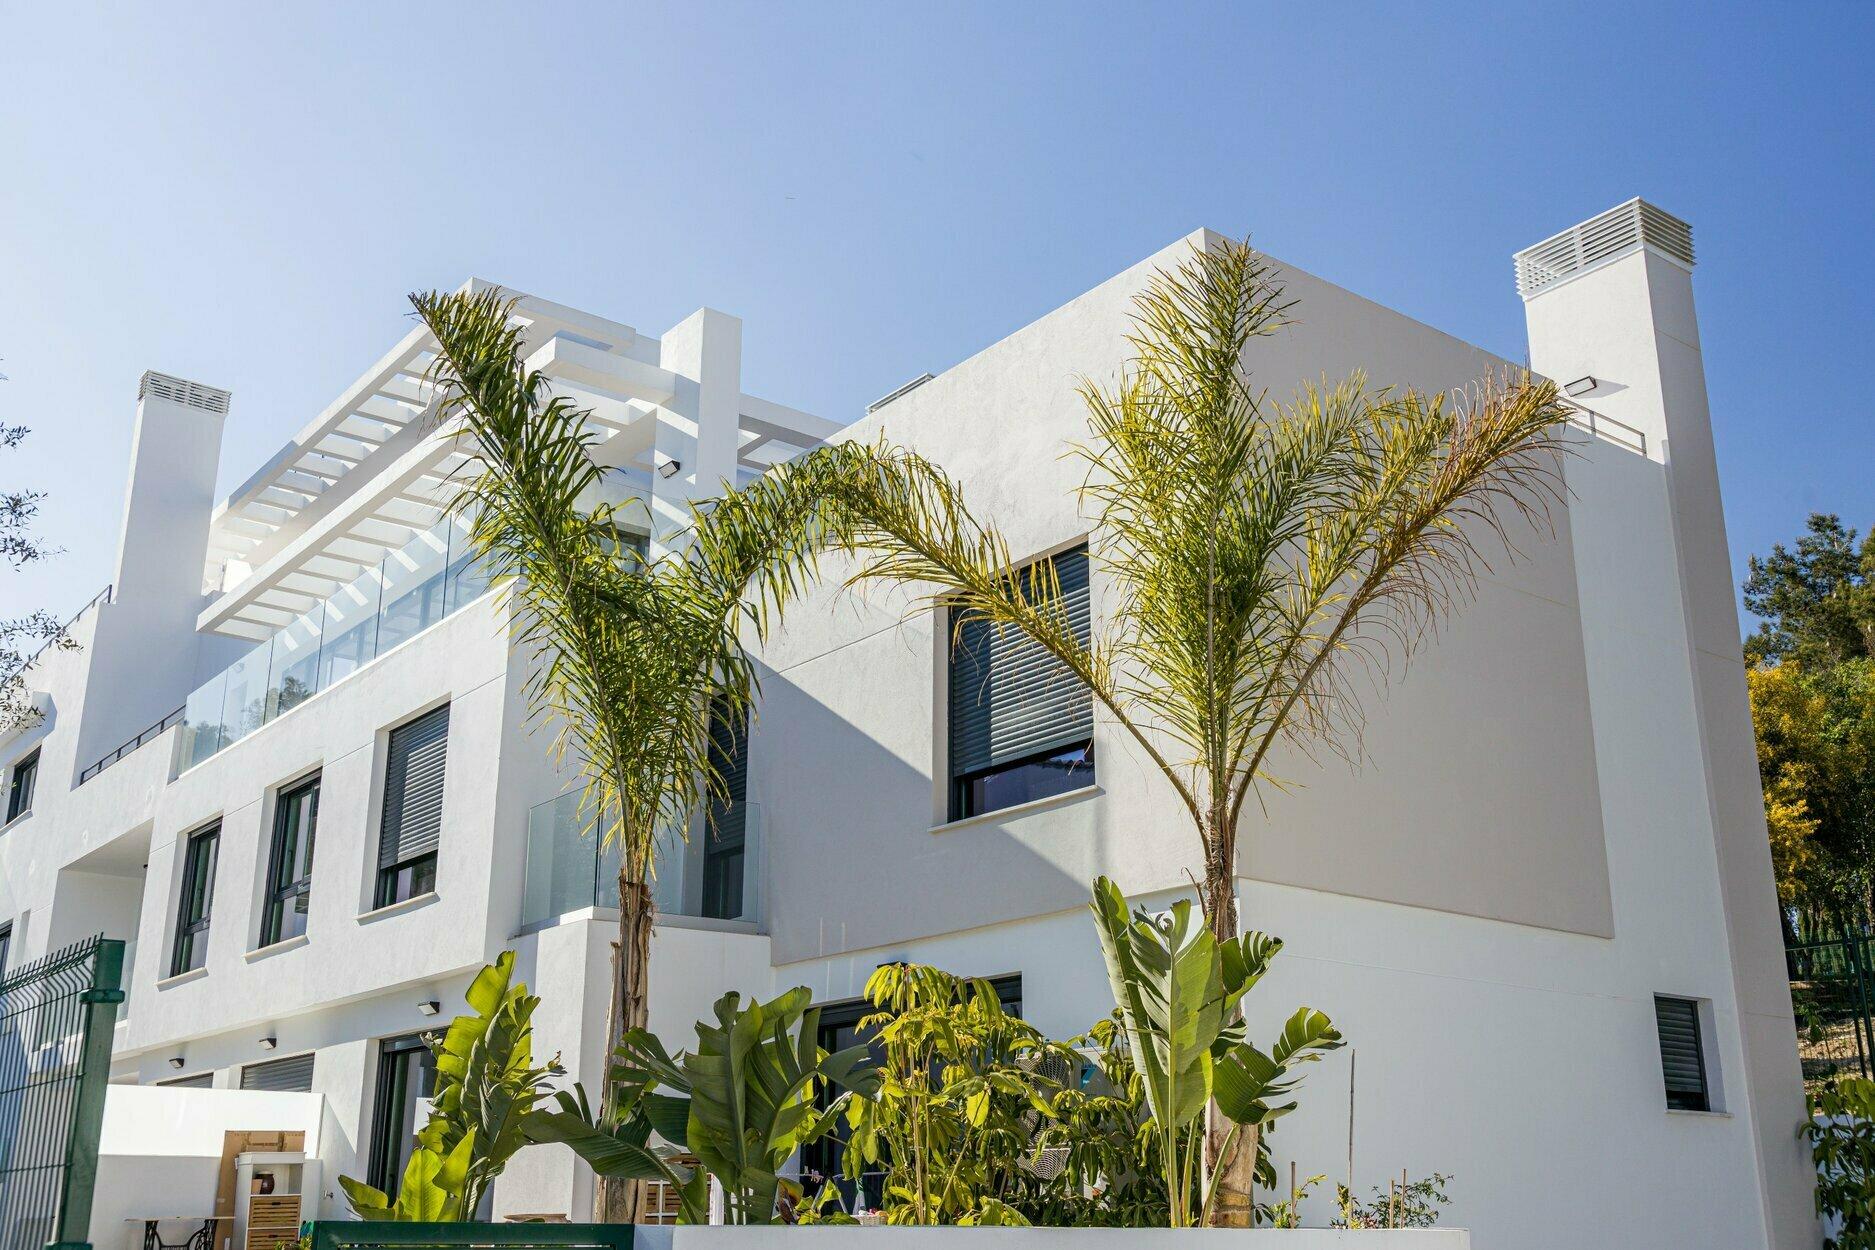 Apartment à louer à Marbella, The Place Marbella